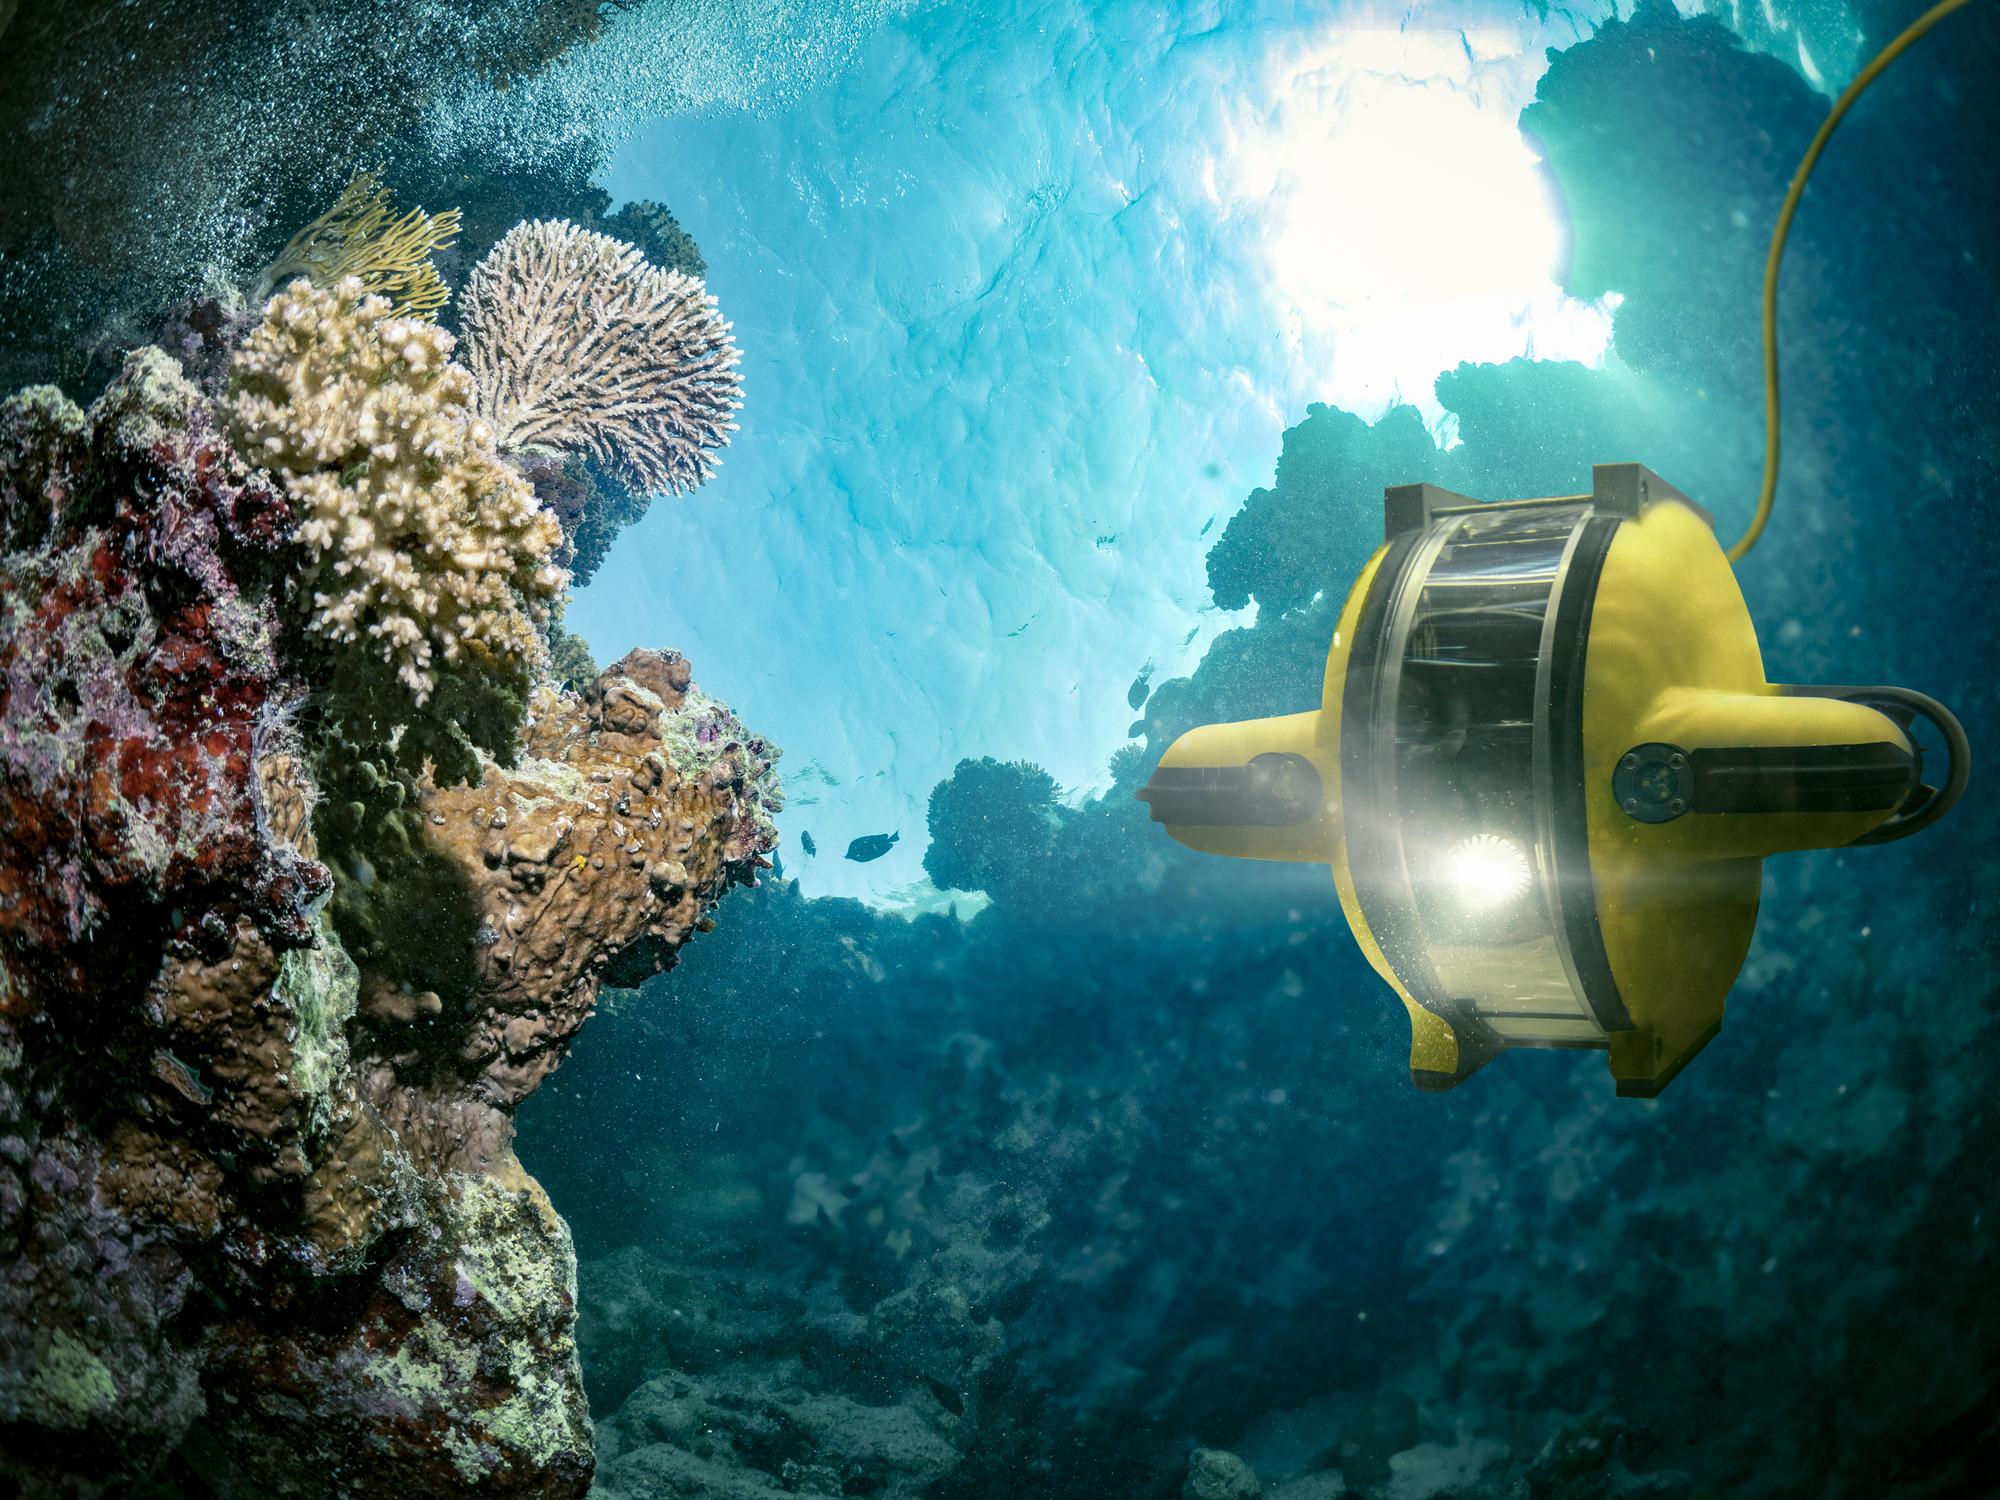 【ドローンと仕事】漁業・建築土木・水質調査。水中の作業を効率化する水中ドローンに注目!